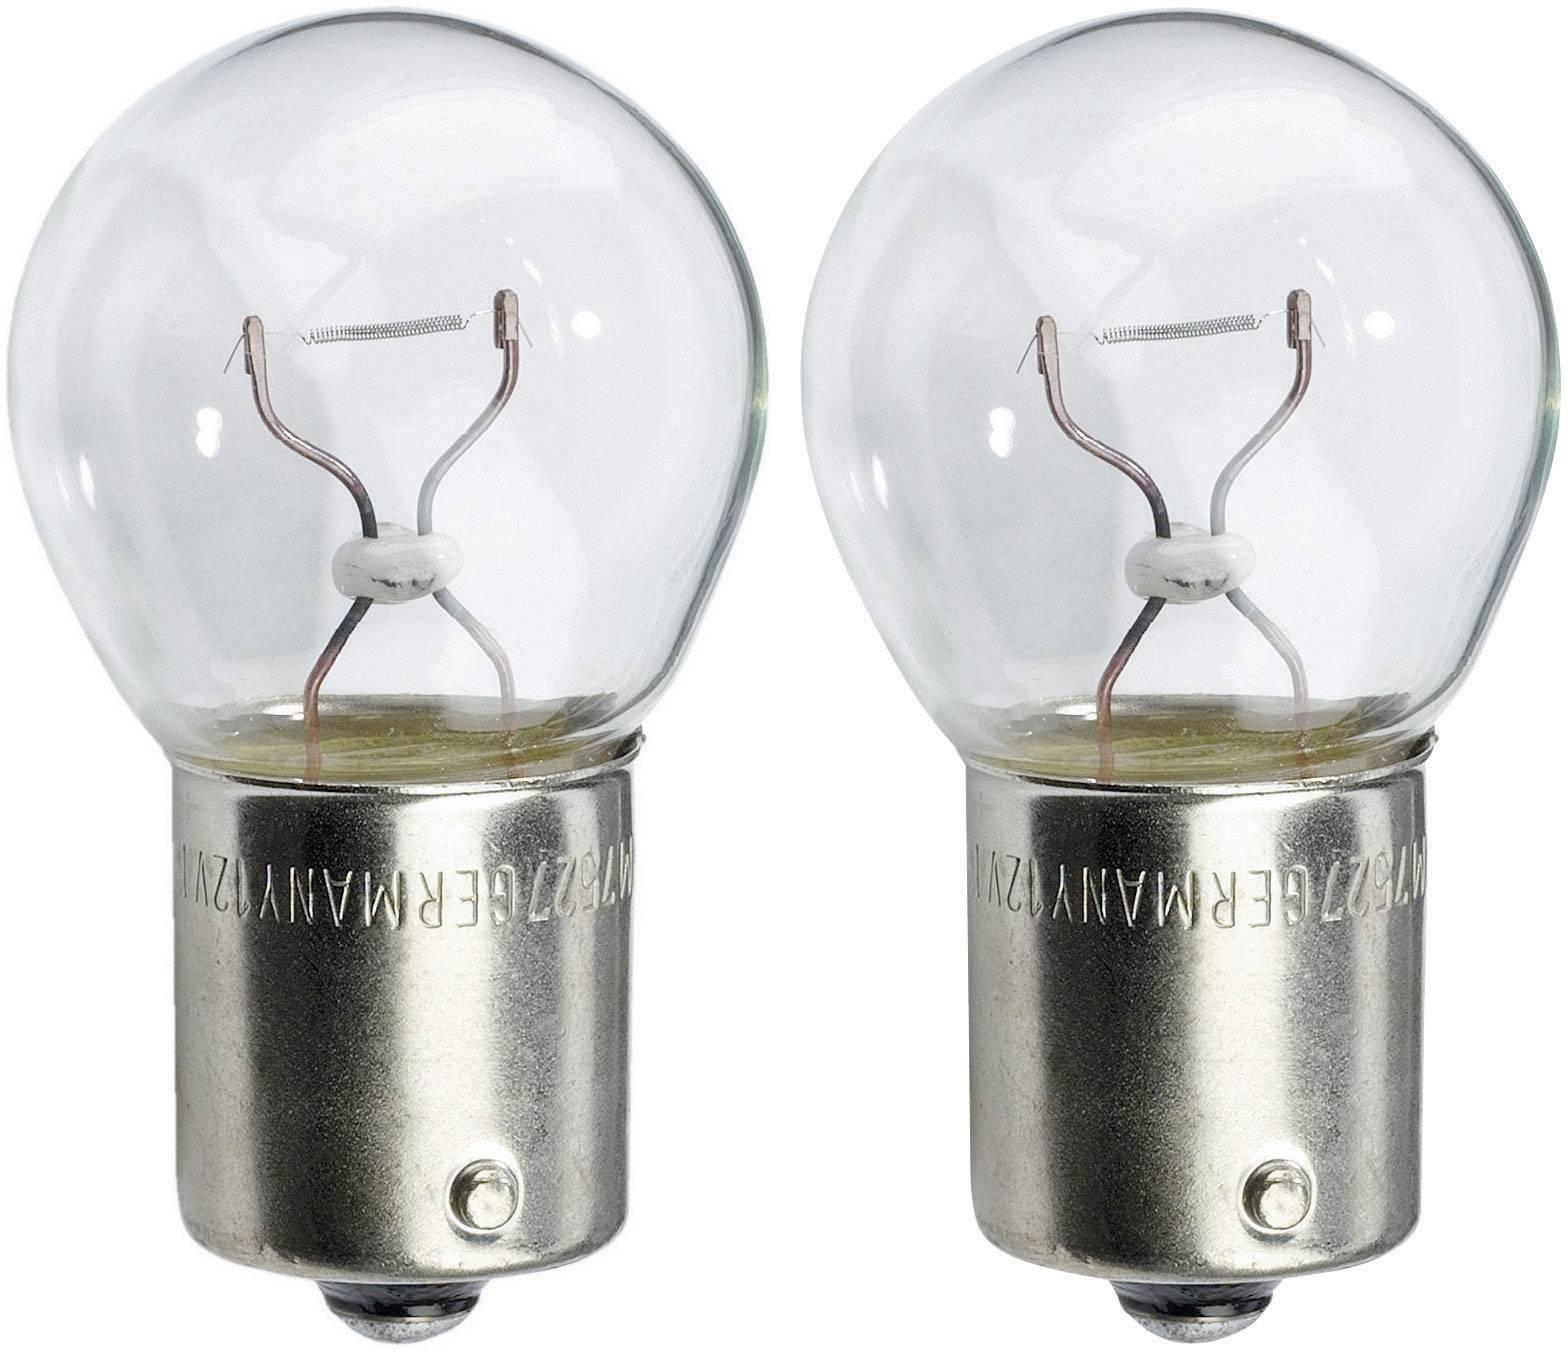 Signálne svetlo Osram Auto 5007ULT-02B 5W 12V BA15S 5007ULT-02B, R5W, 5 W, 1 pár